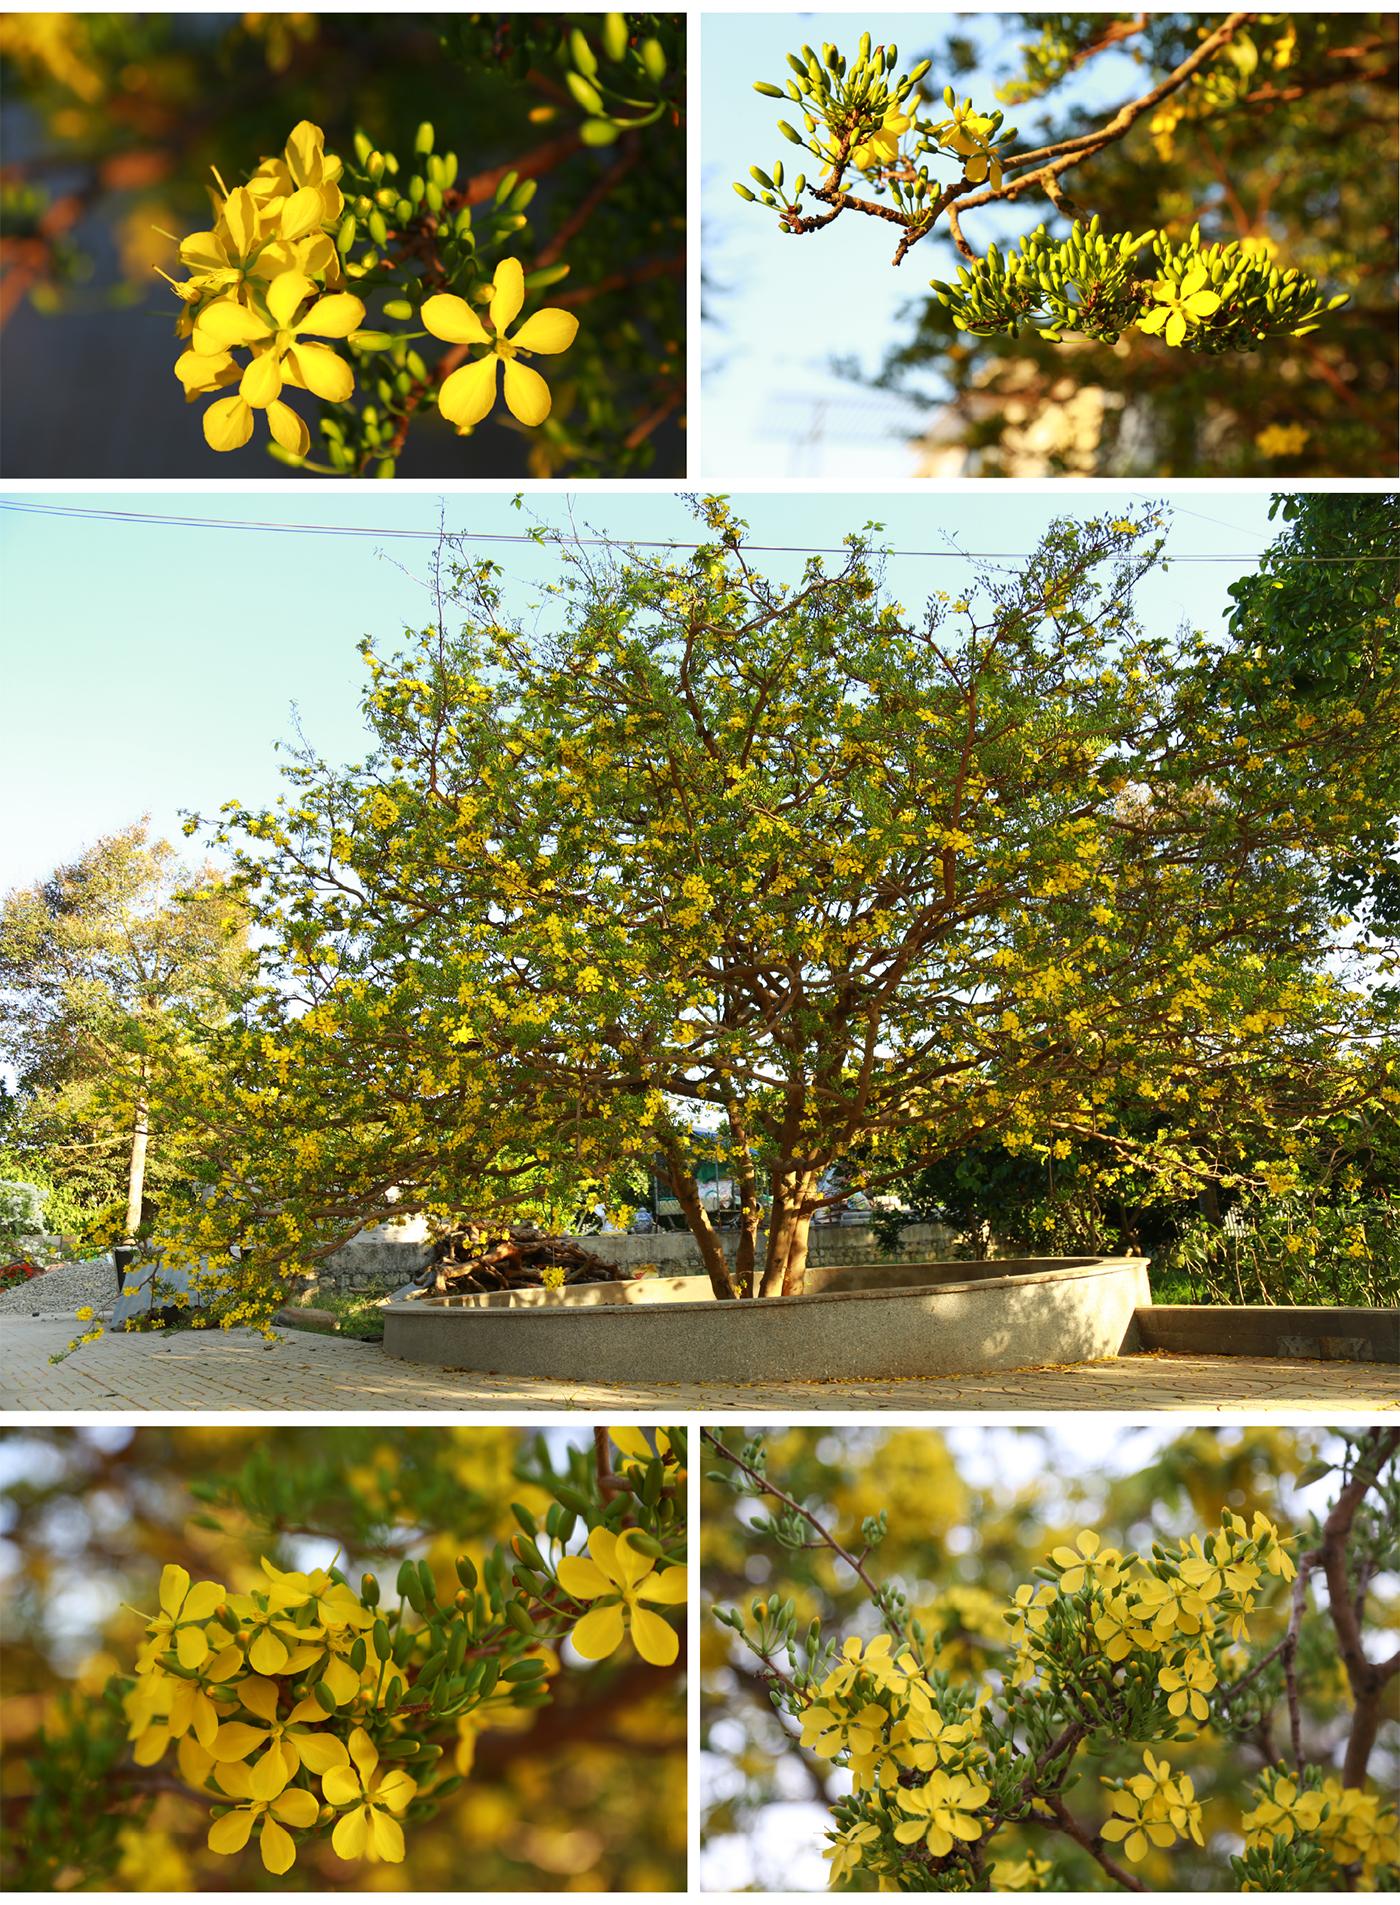 Ngắm cây mai 'khổng lồ' ở Bà Rịa - Vũng Tàu ảnh 14